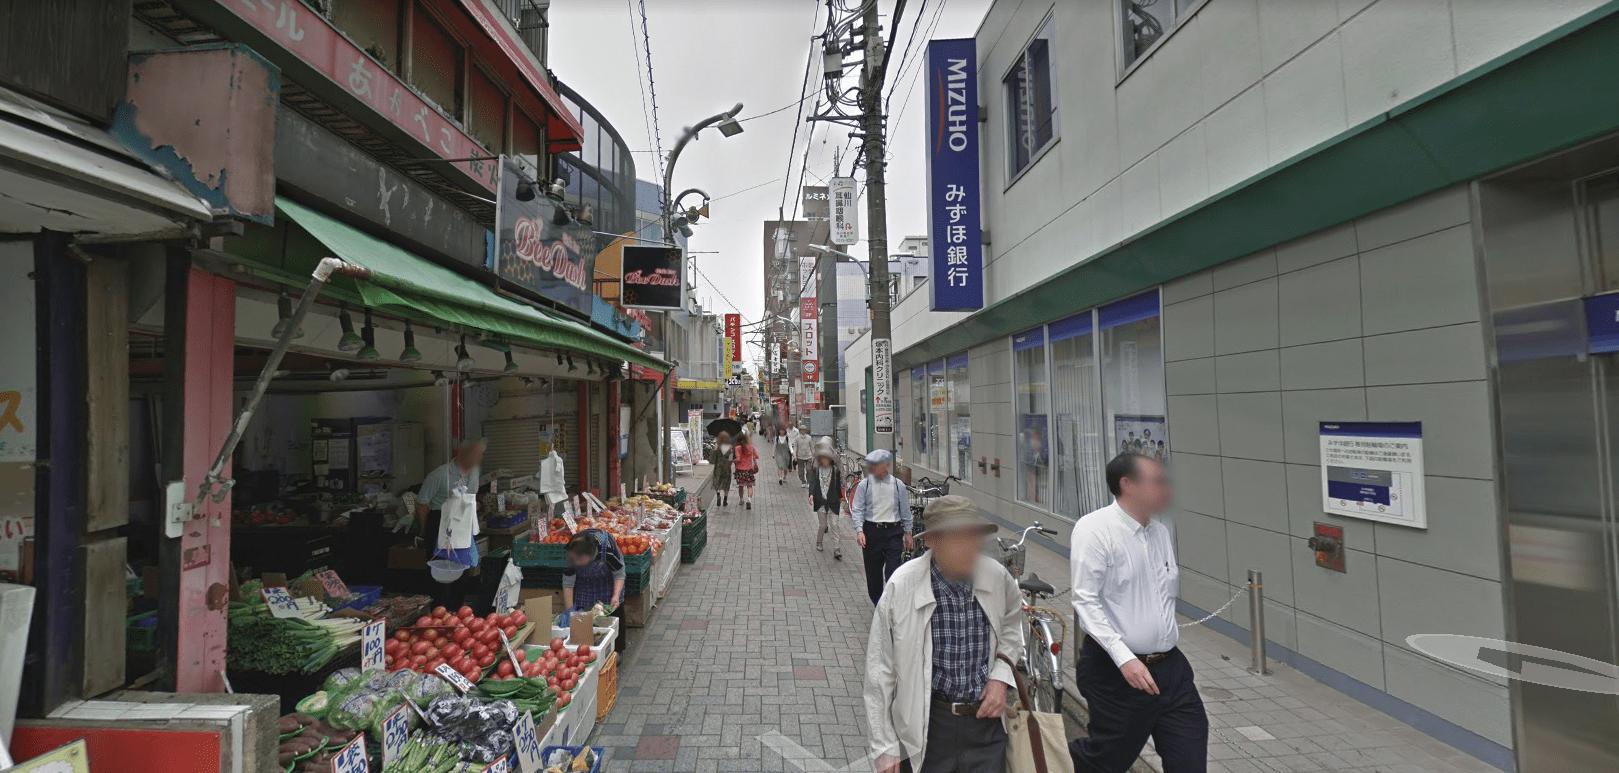 商店街側の様子